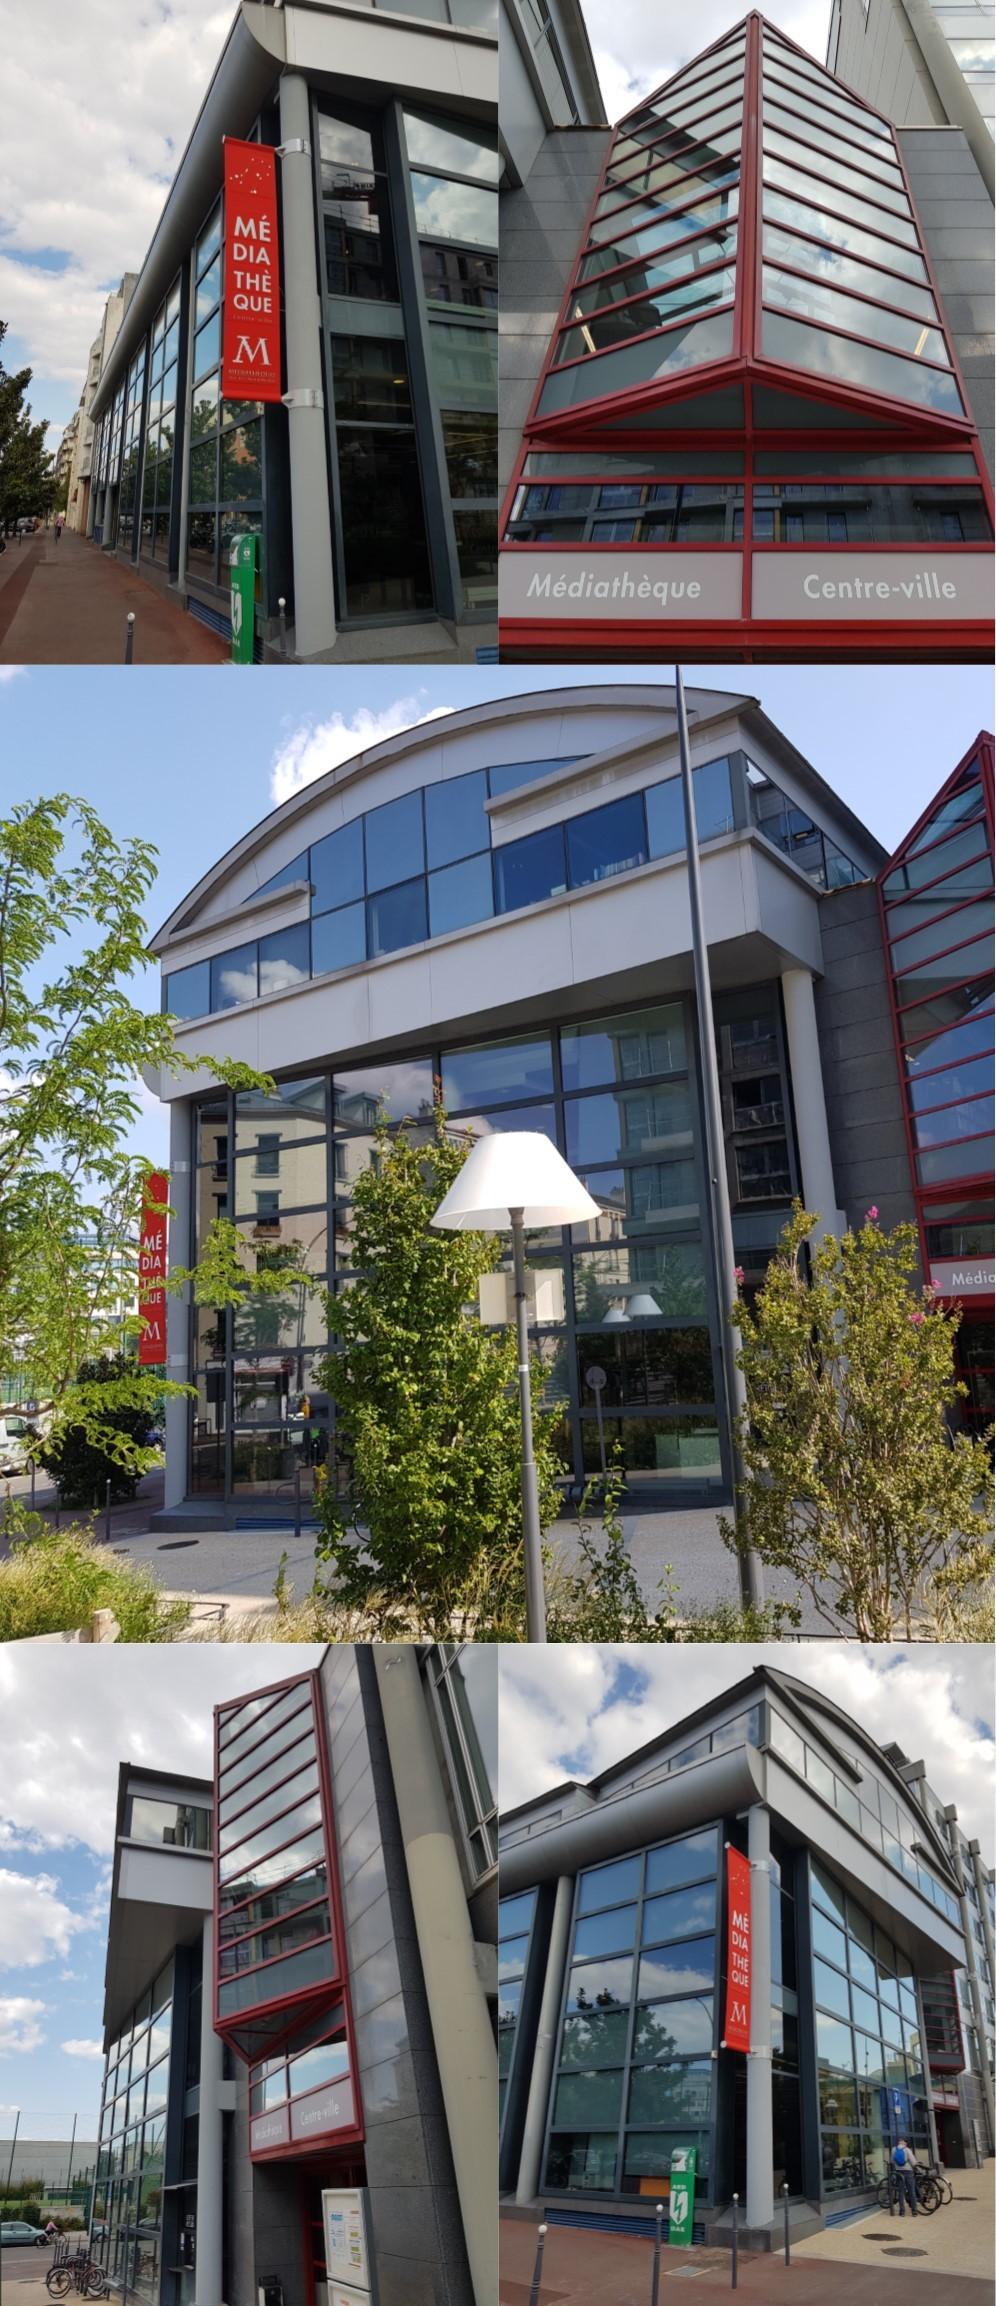 Médiathèque centre-ville